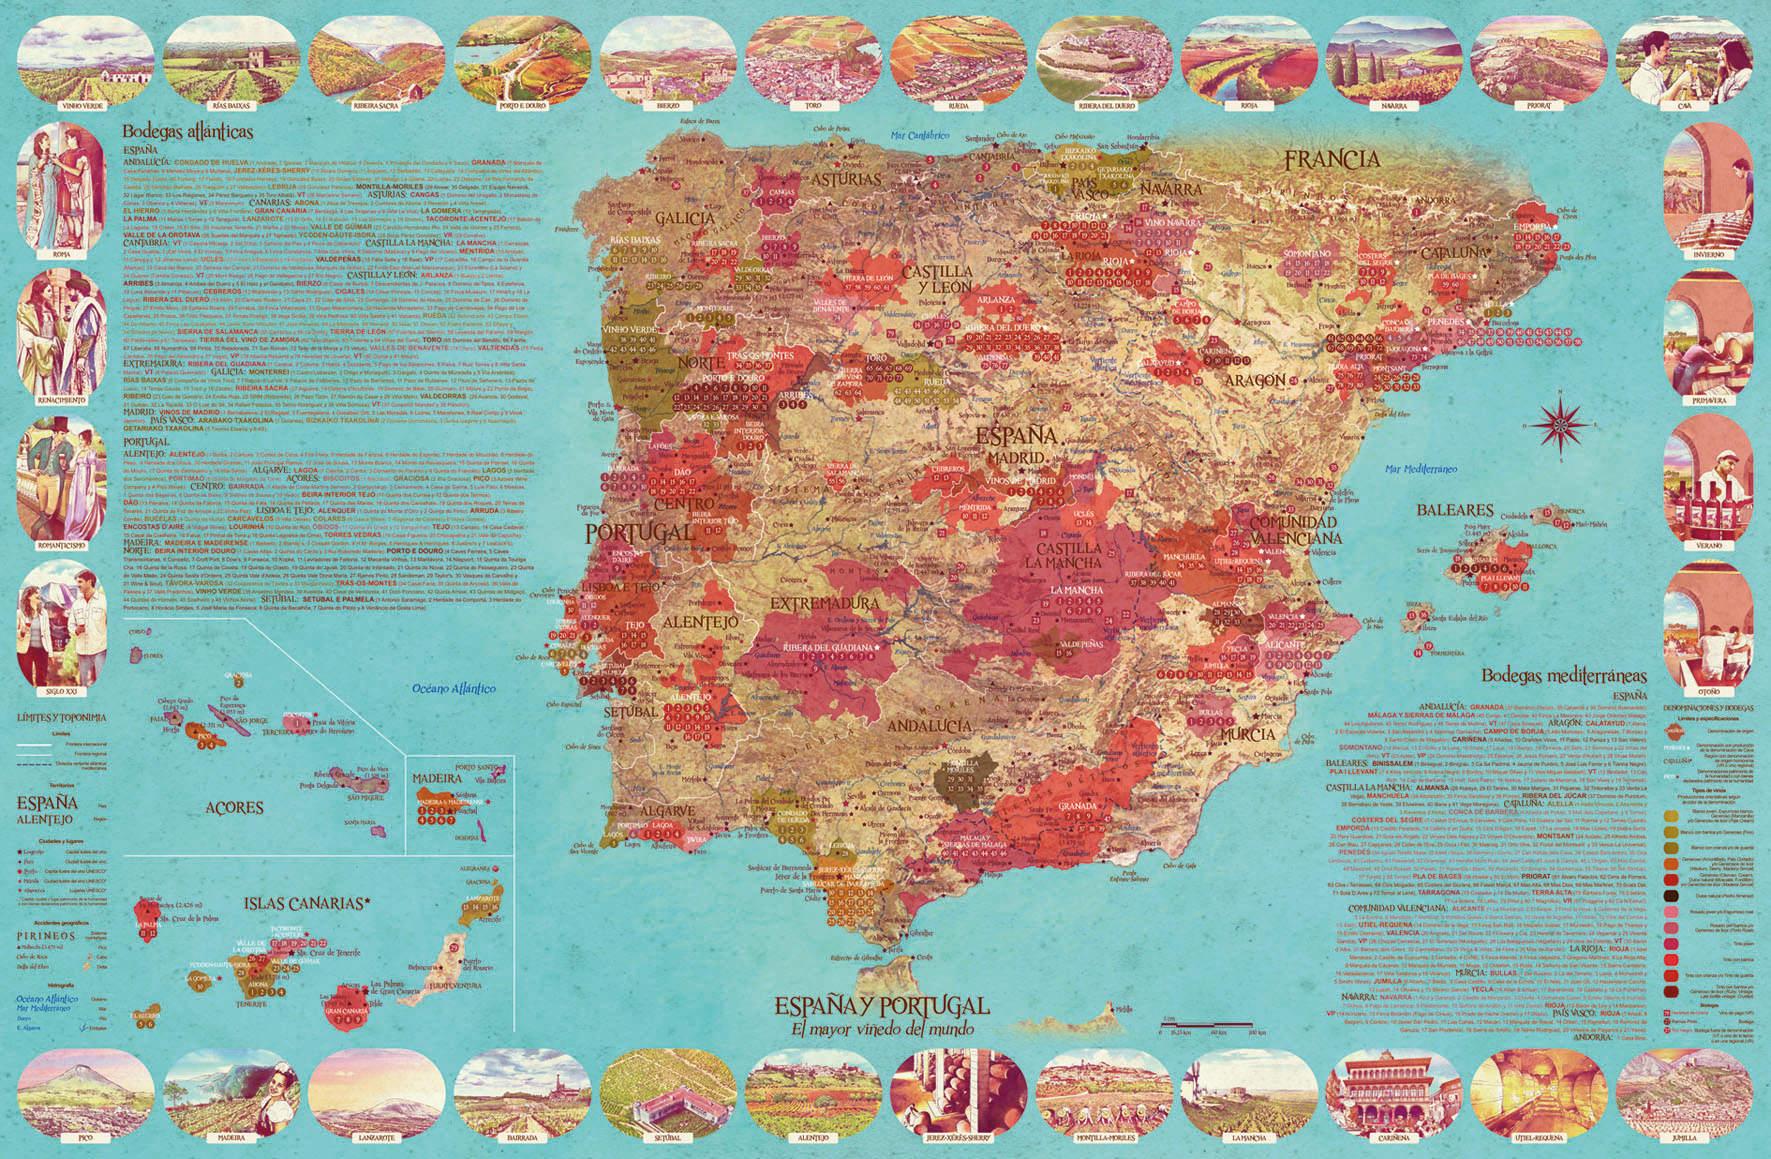 Mapa das Denominacións de Orixe vitivinícolas de España e Portugal. Foto: DIAITA